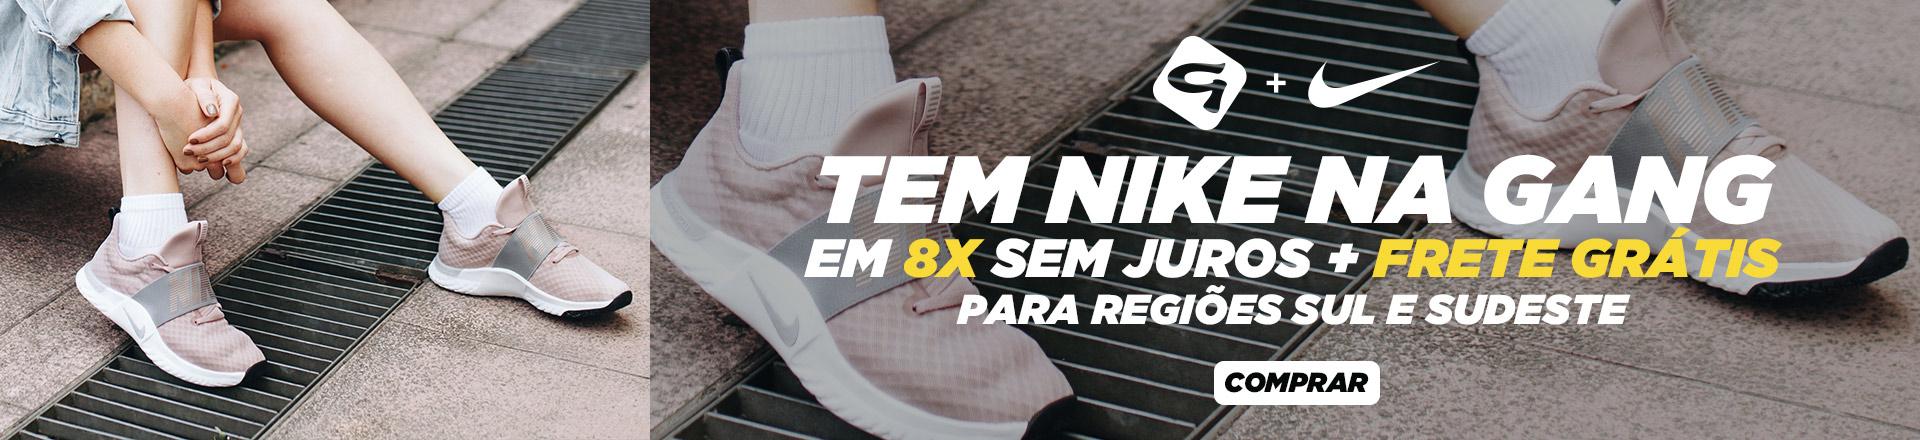 (DESK) V.A. - Tem Nike na Gang